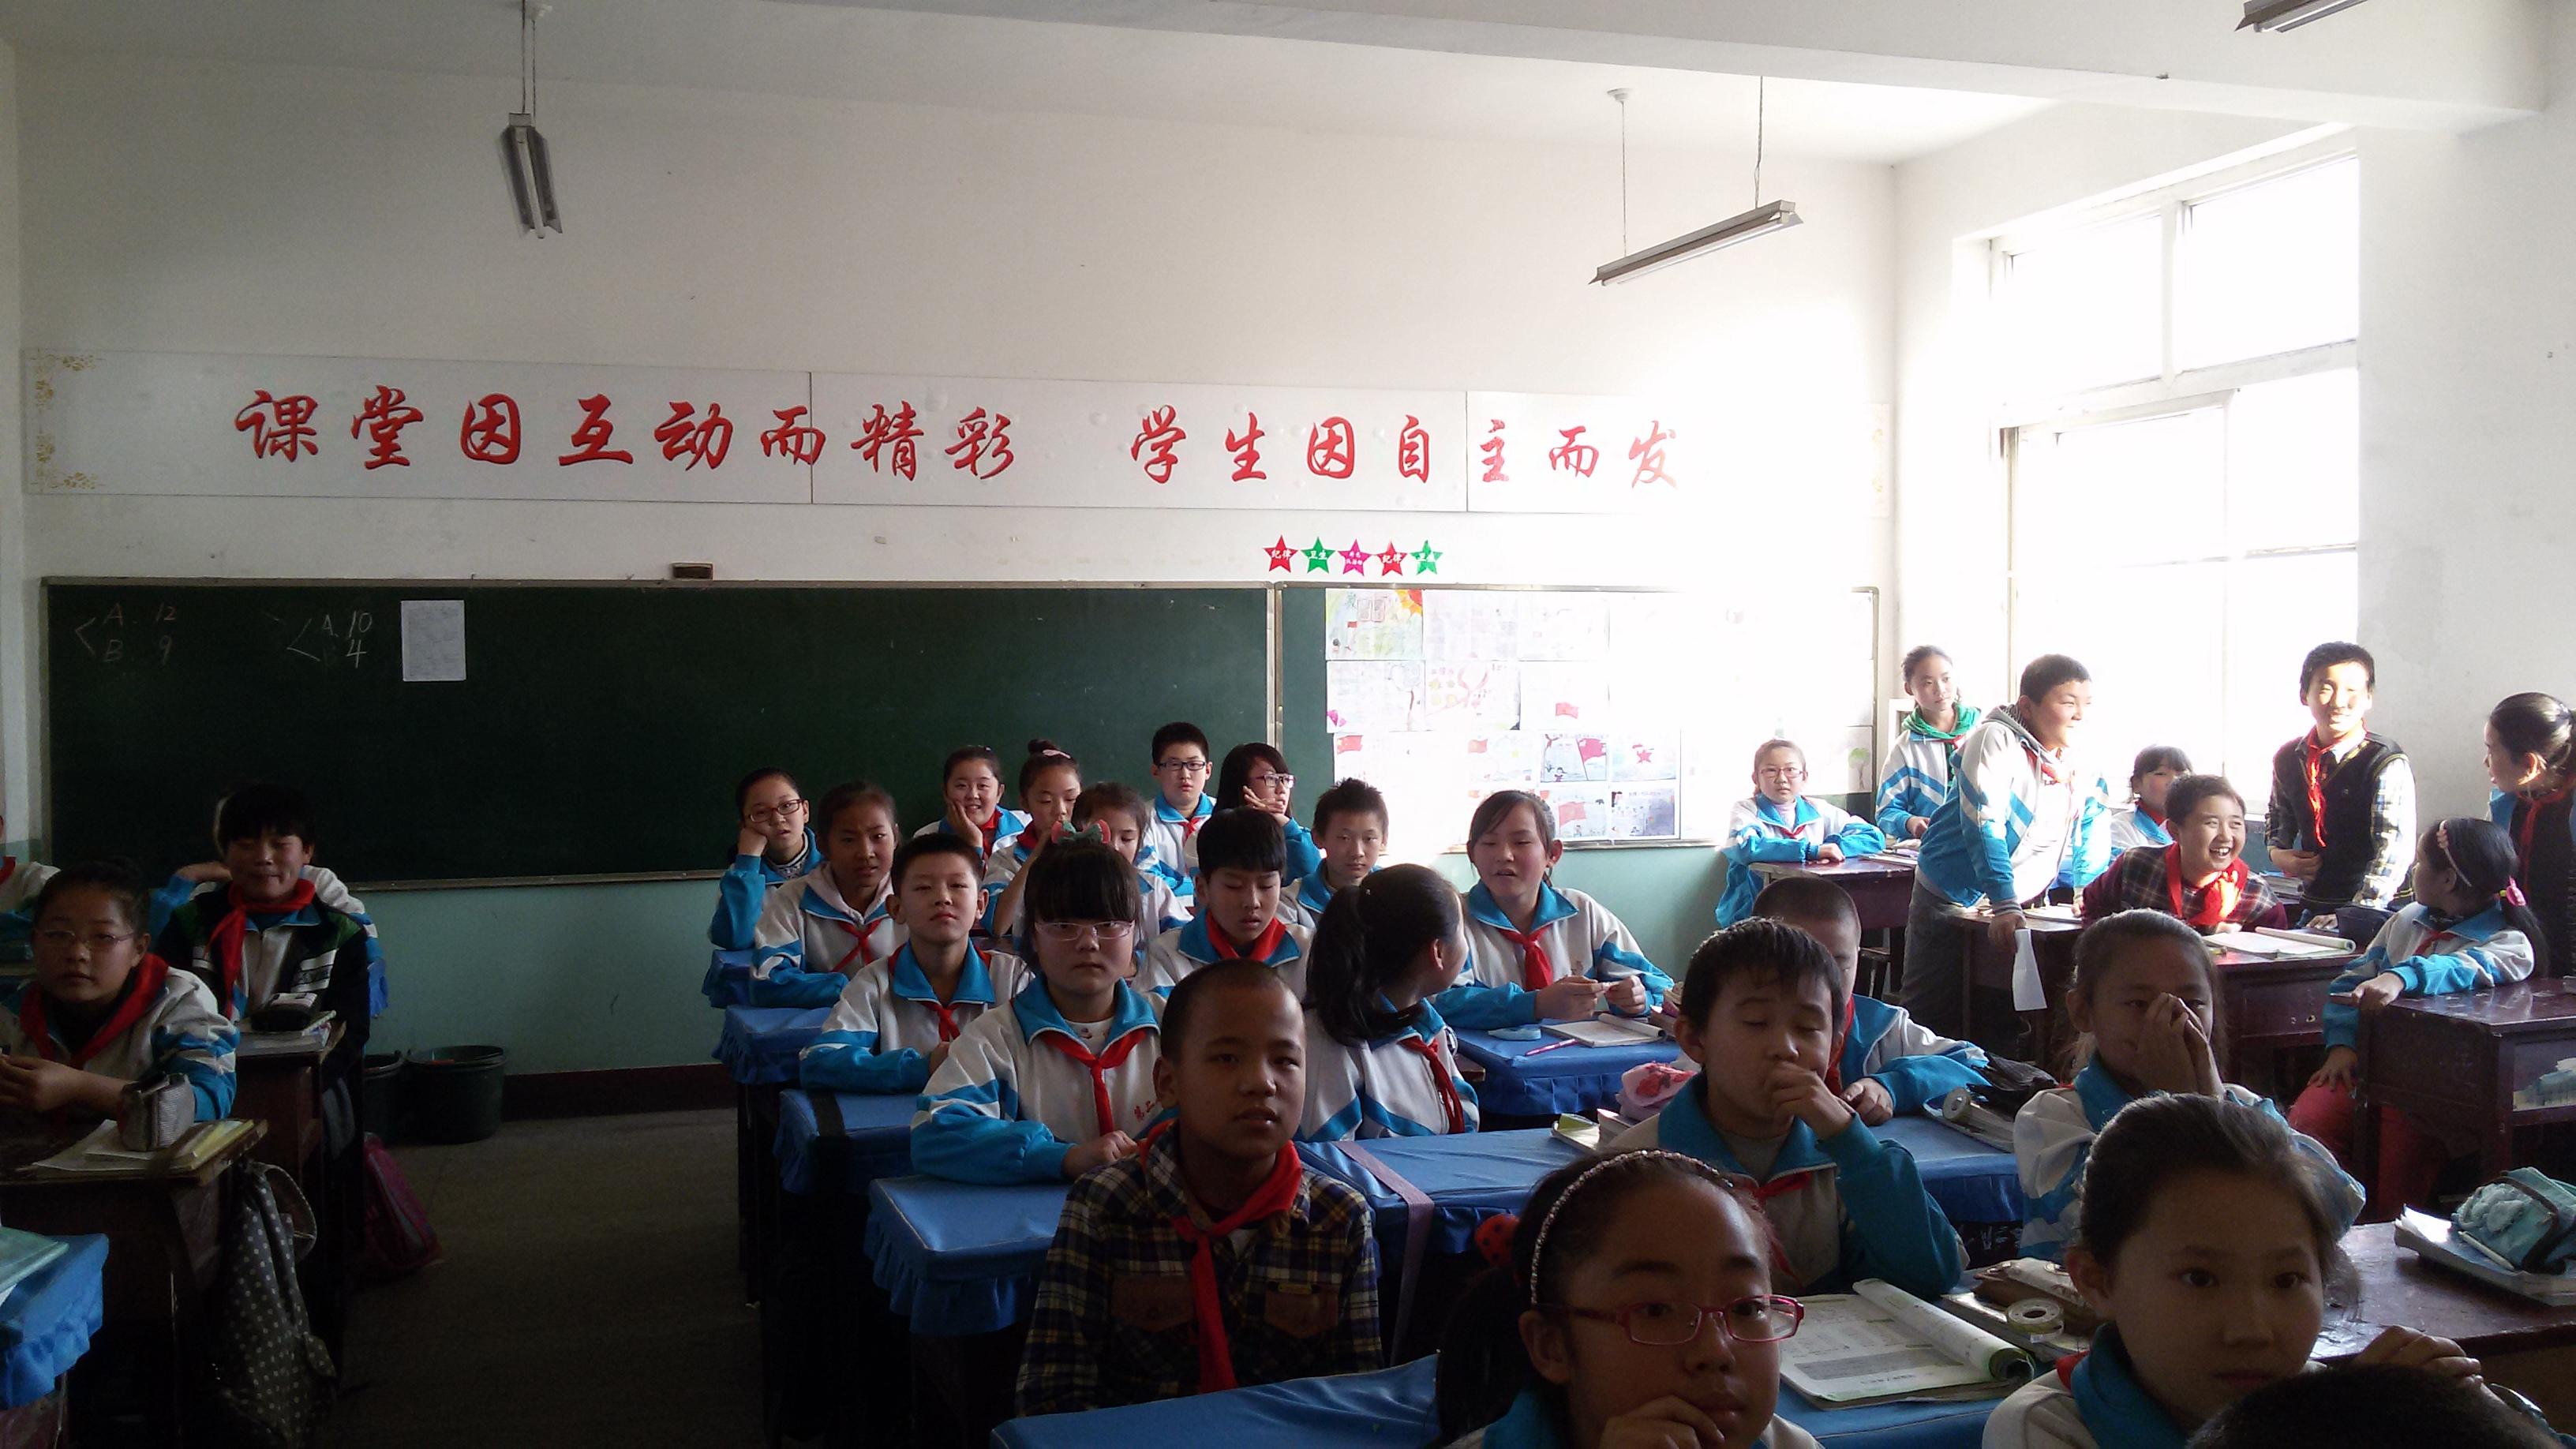 交城县城南小学追梦小学的中队们队员举行红正在v小学锦湖瑞安市图片